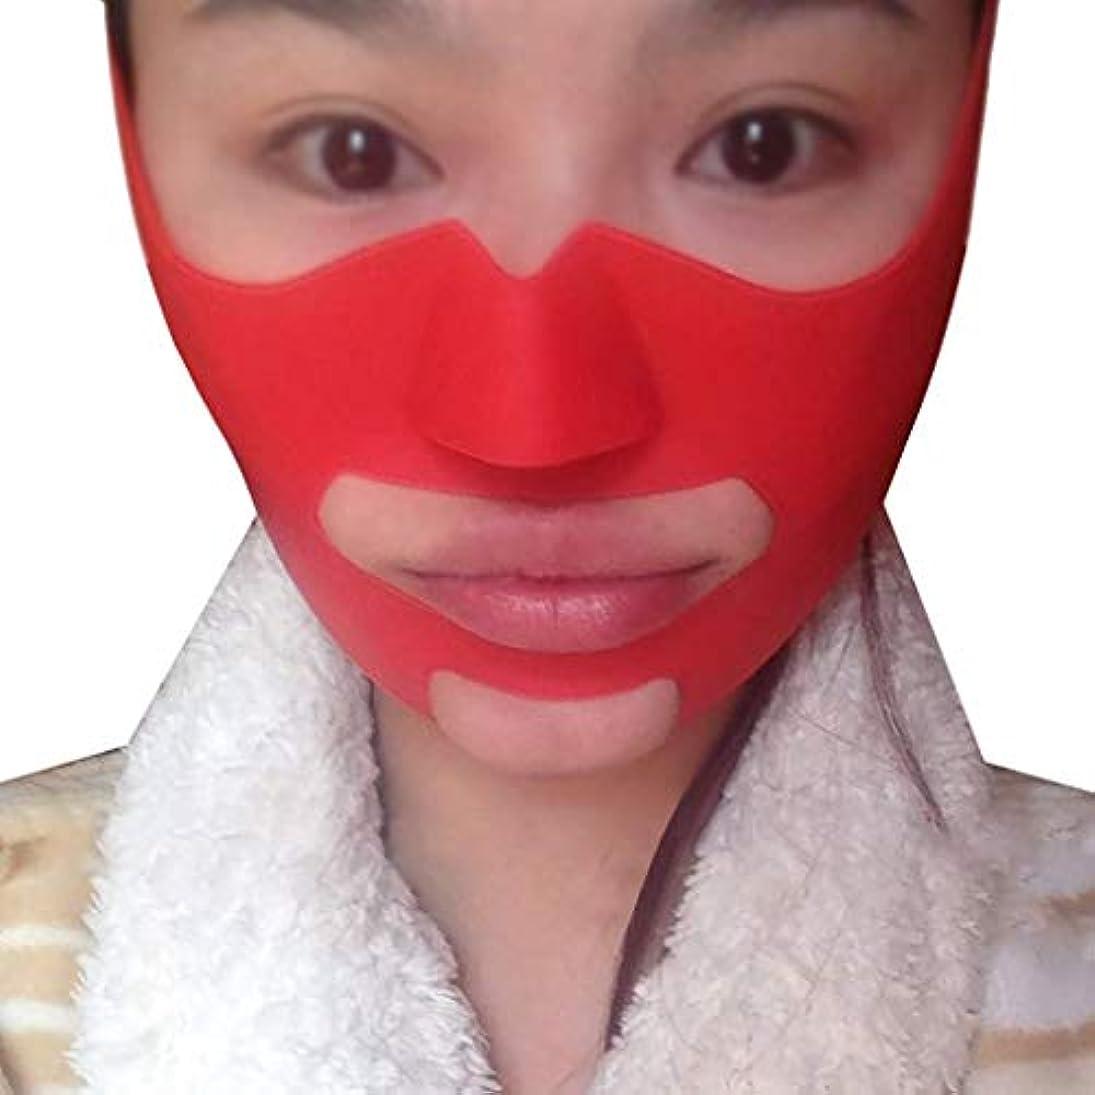 甘やかすプラスちょうつがいフェイスリフトマスク、シリコンVフェイスマスクフェイスマスク強力で細かい筋肉マッスルリフトアップルマッスルを命令するパターンアーティファクト小さなVフェイス包帯フェイスとネックリフト